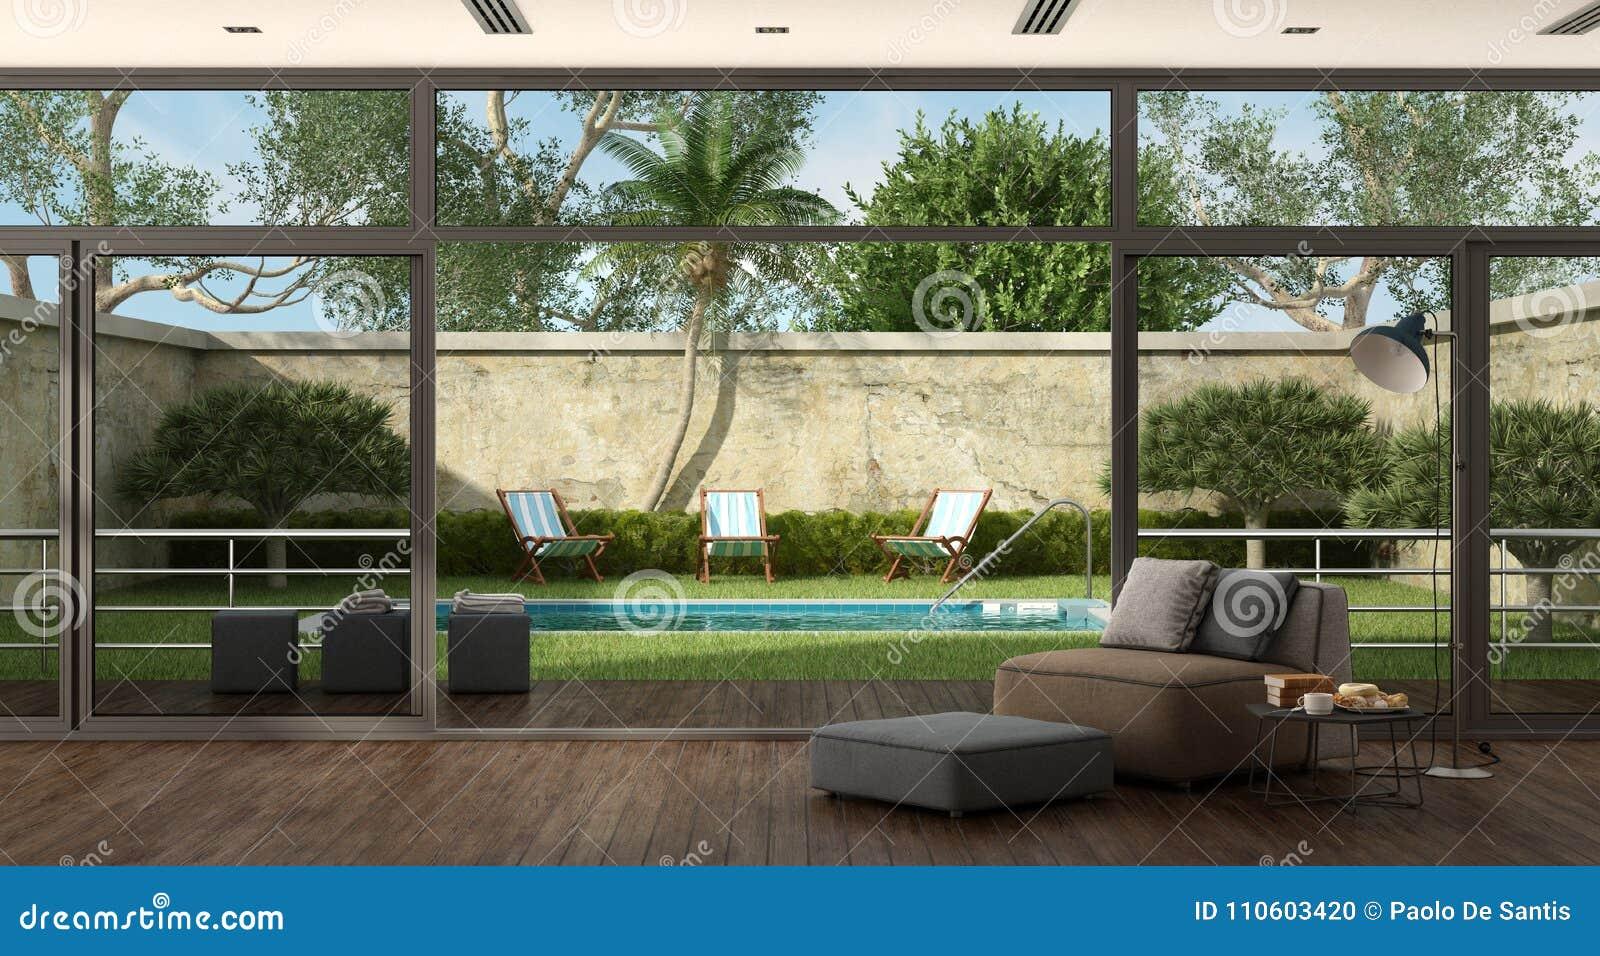 Woonkamer Van Een Villa Met Pool In De Tuin Stock Illustratie ...